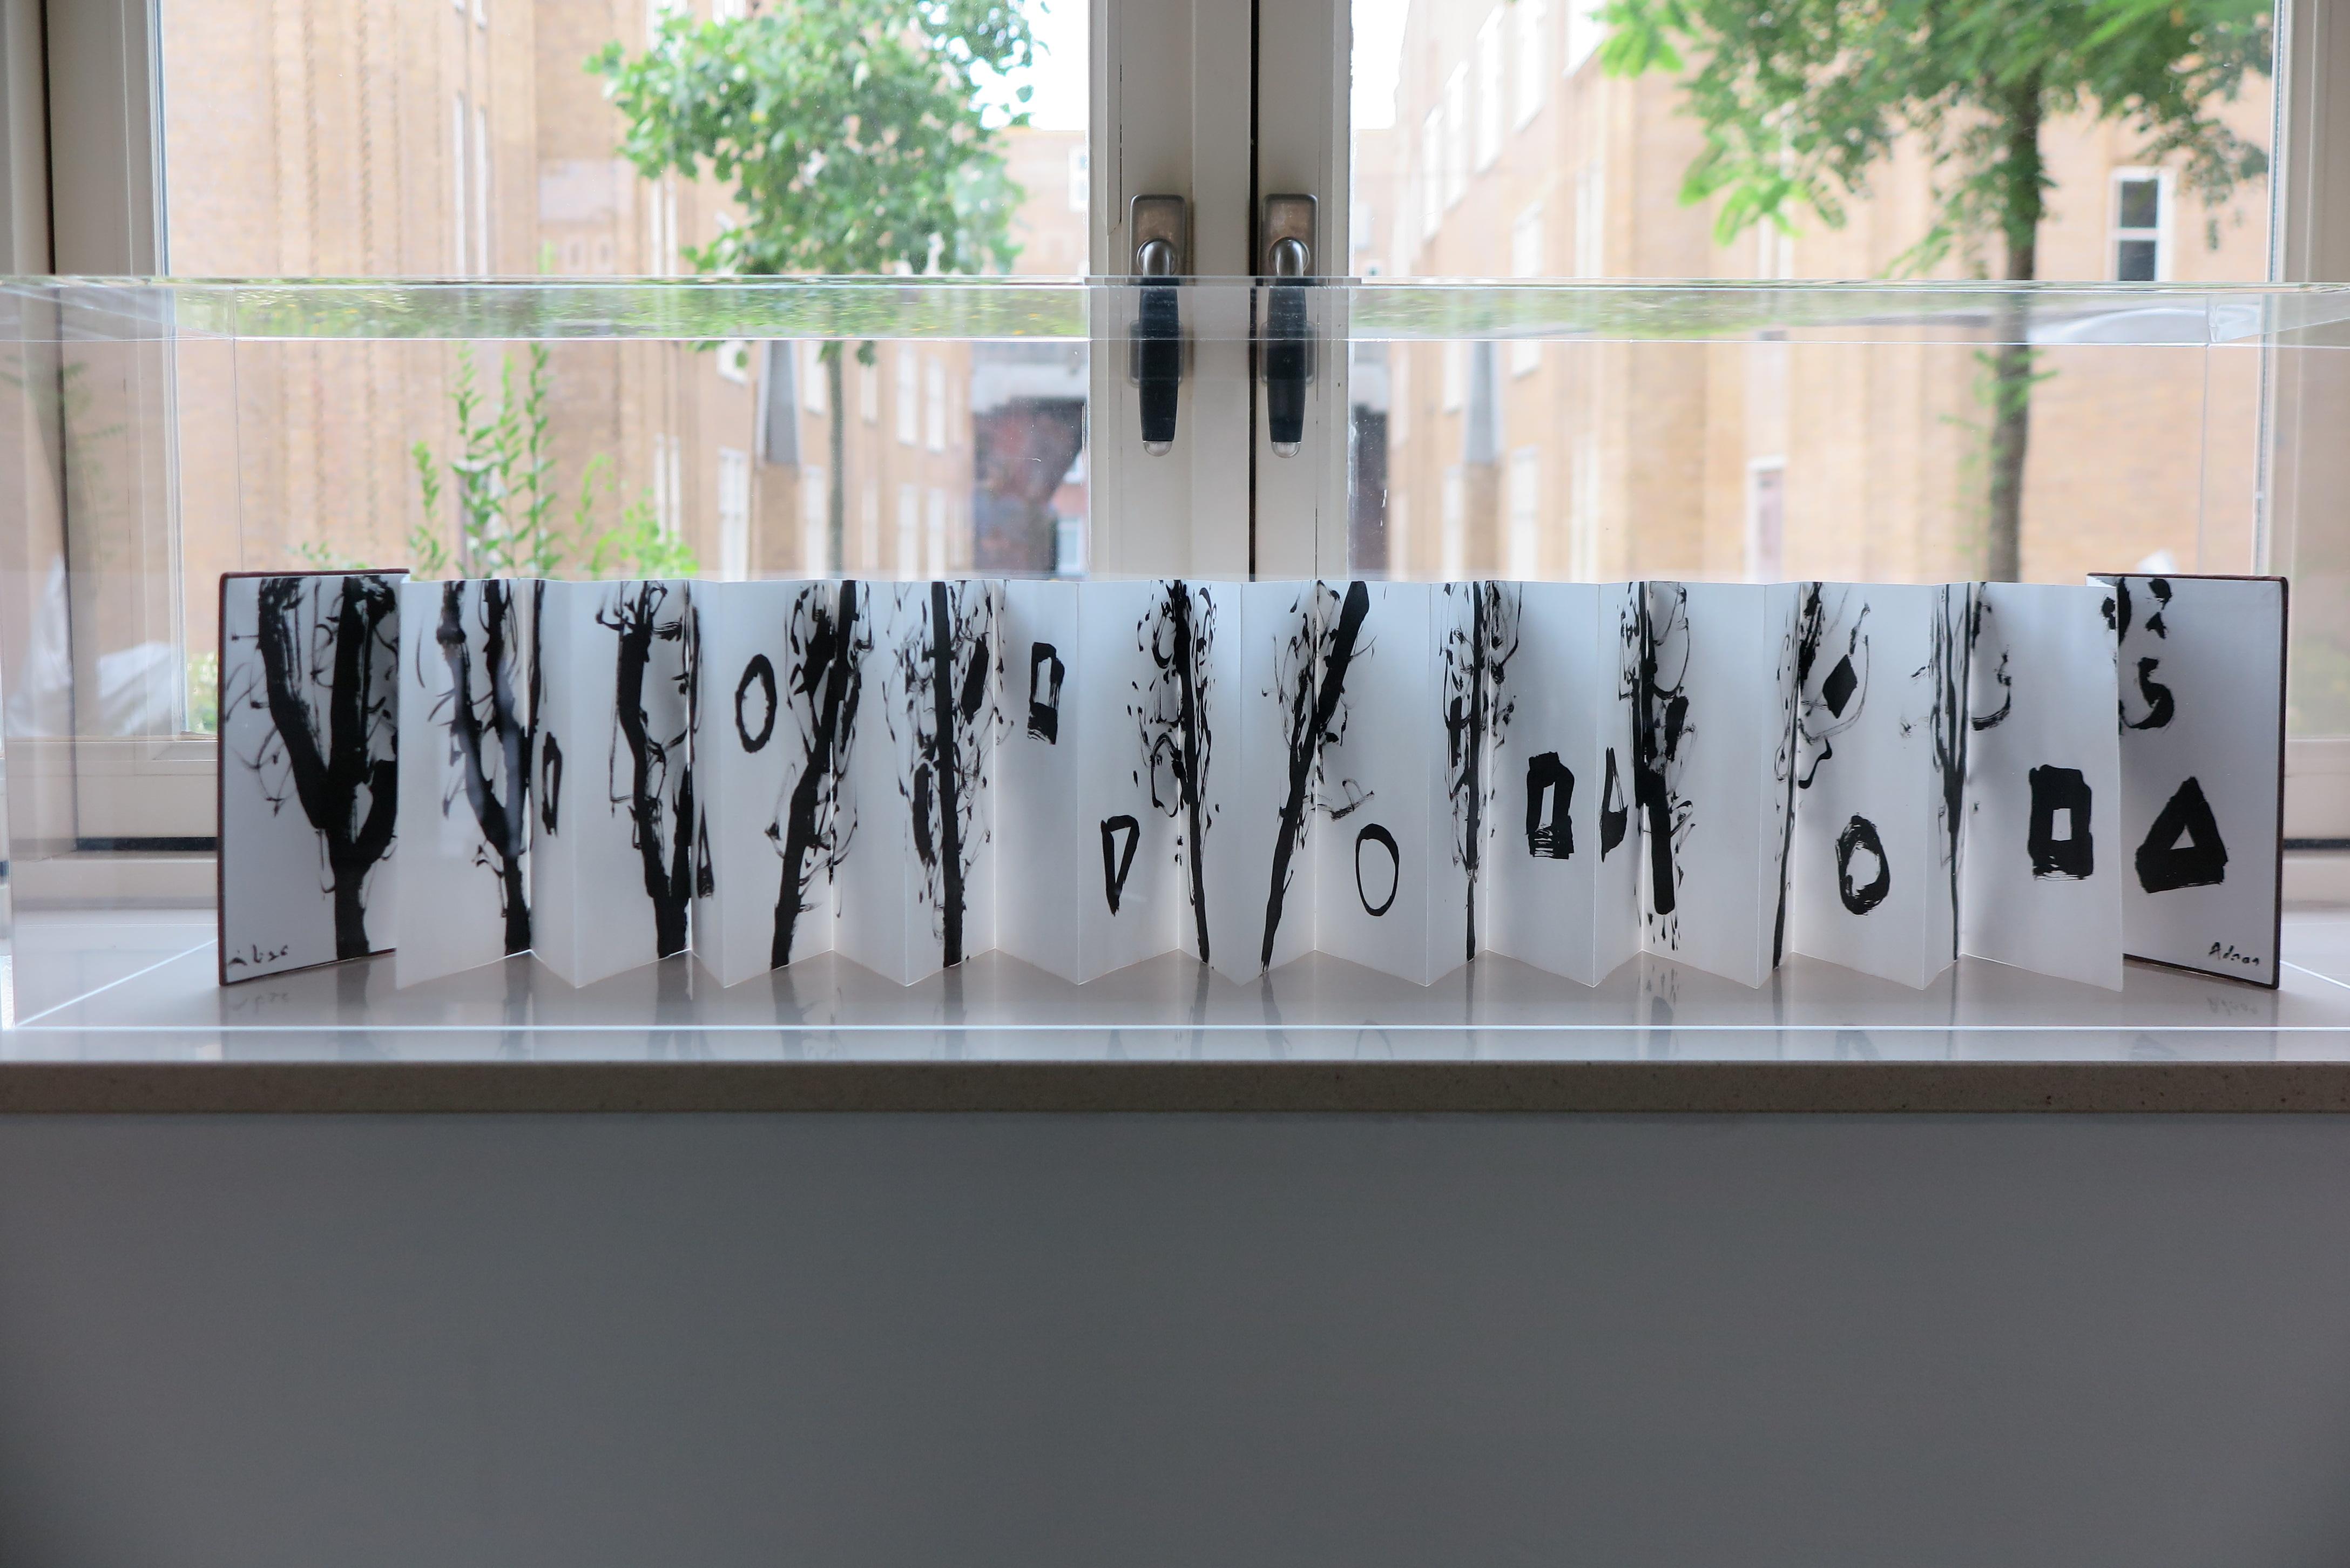 Trees - leporello - Etel Adnan - 2012